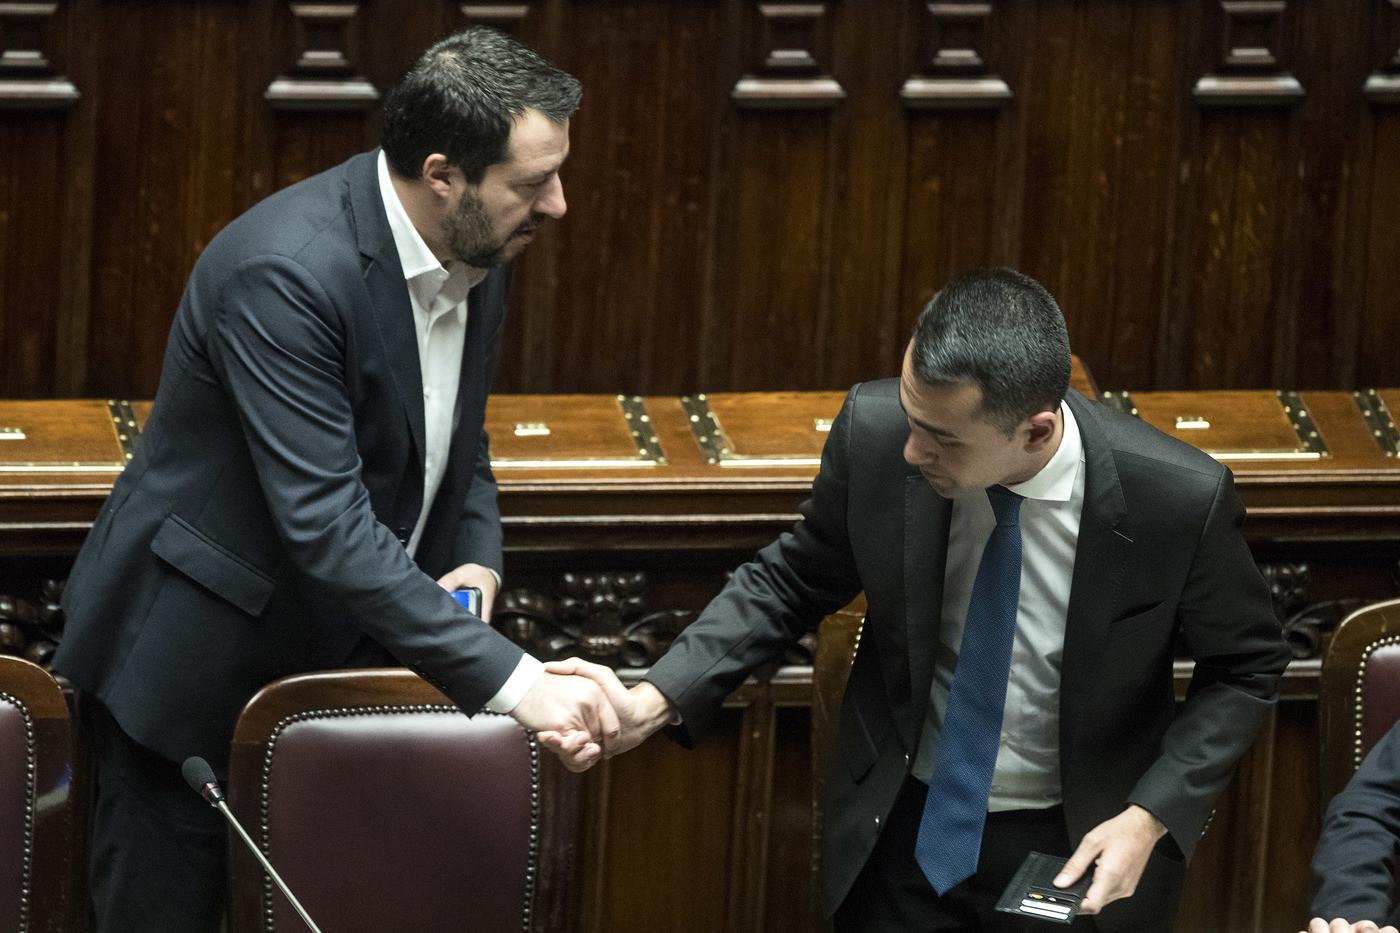 Governo, sfida social Salvini-Di Maio. Dirette 'estreme' on the road e in pista